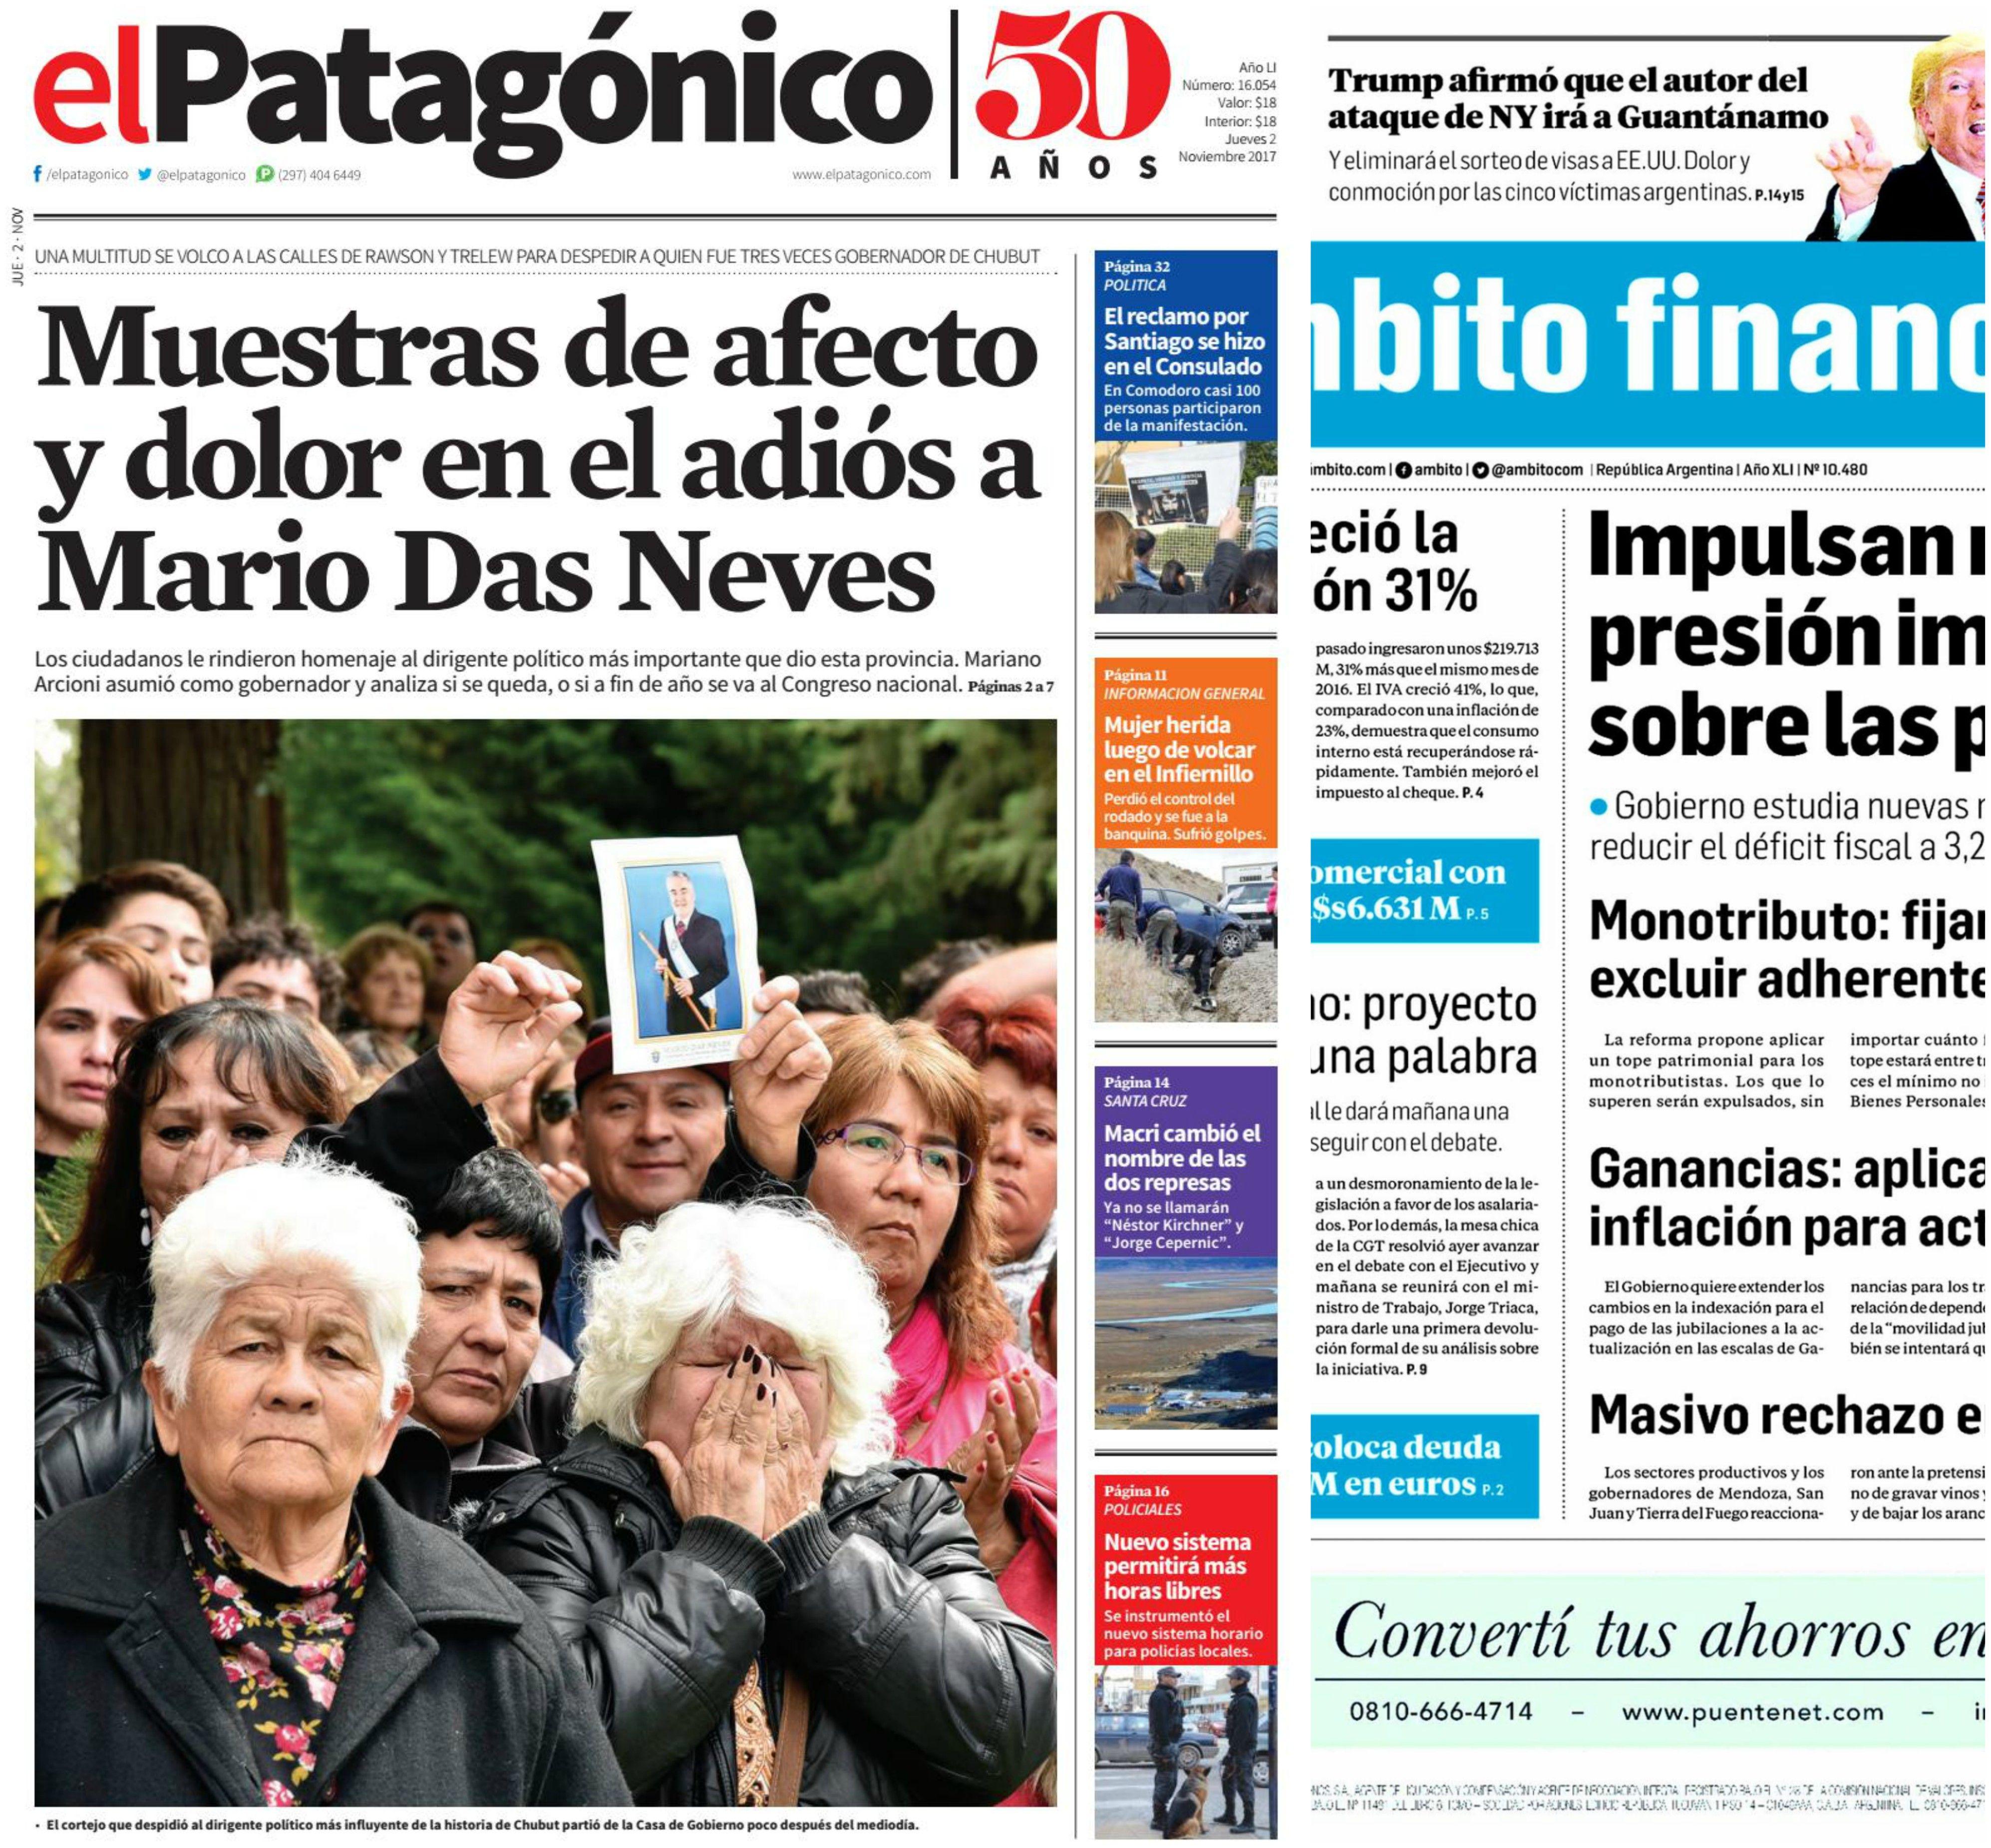 Tapas de diarios del jueves 2 de noviembre de 2017